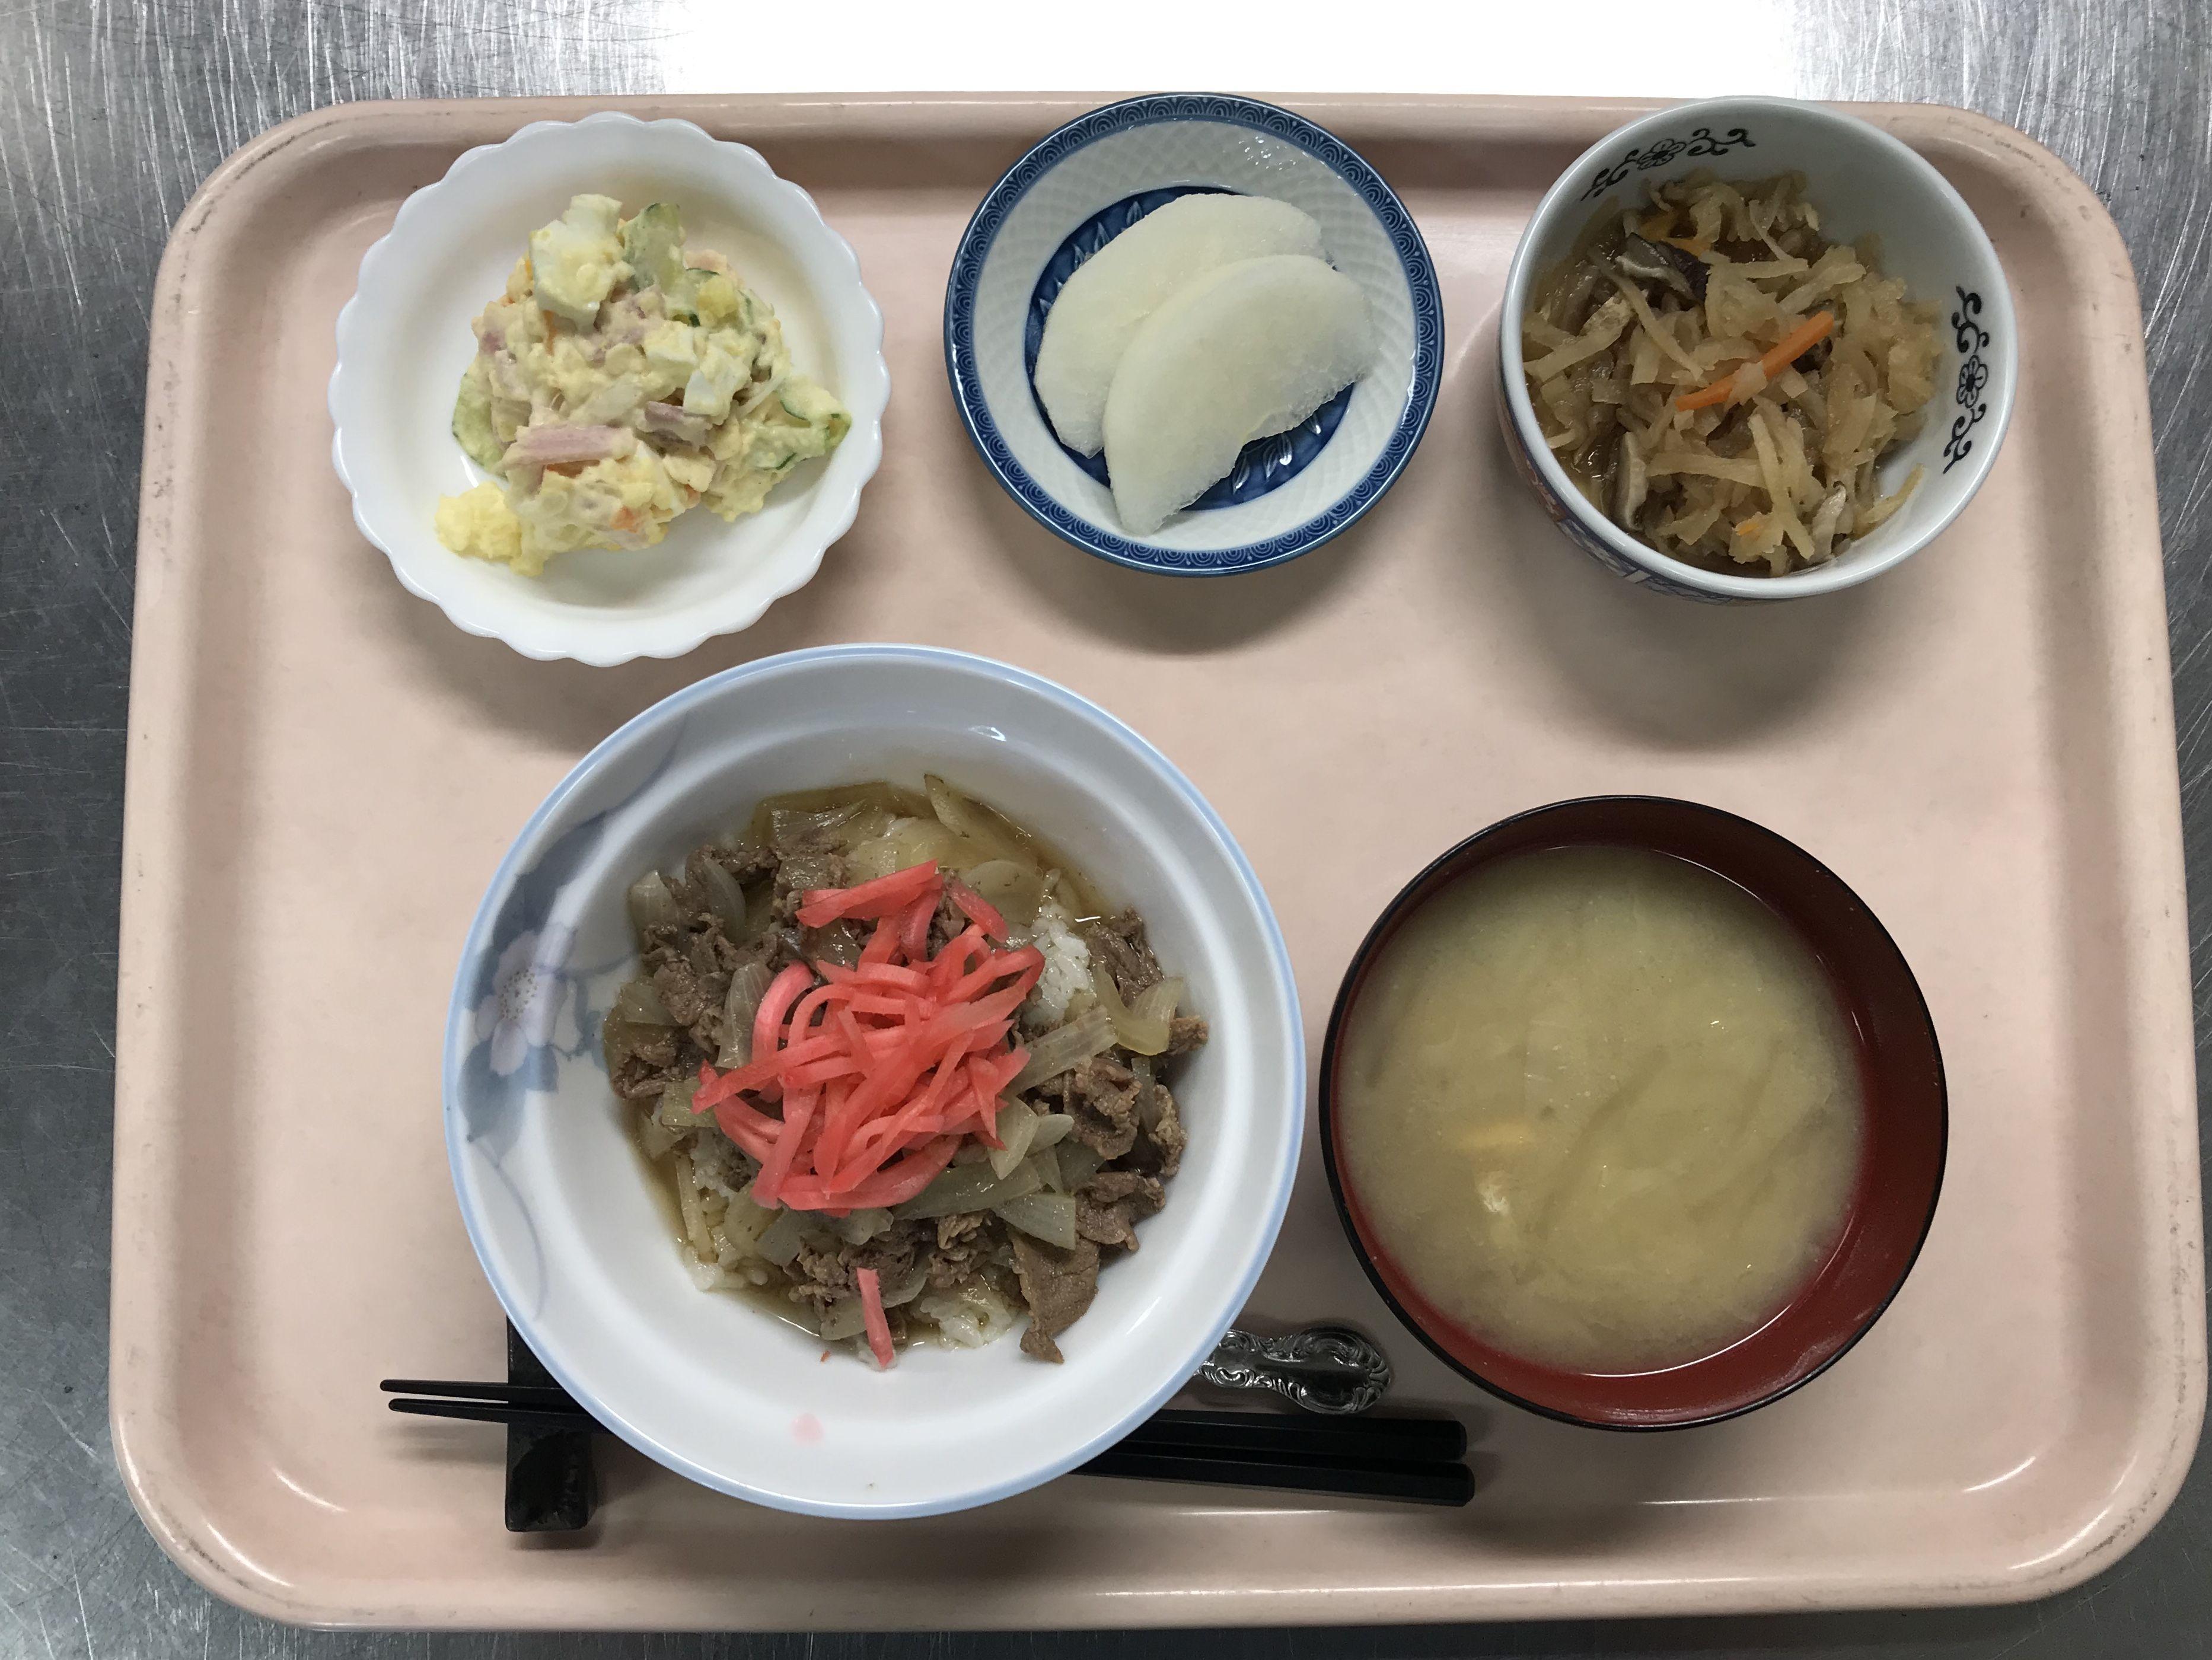 牛丼、切り干し大根の煮物、ポテトサラダ、キャベツと揚げの味噌汁、梨でした!牛丼が特に美味しかったです!645カロリーです